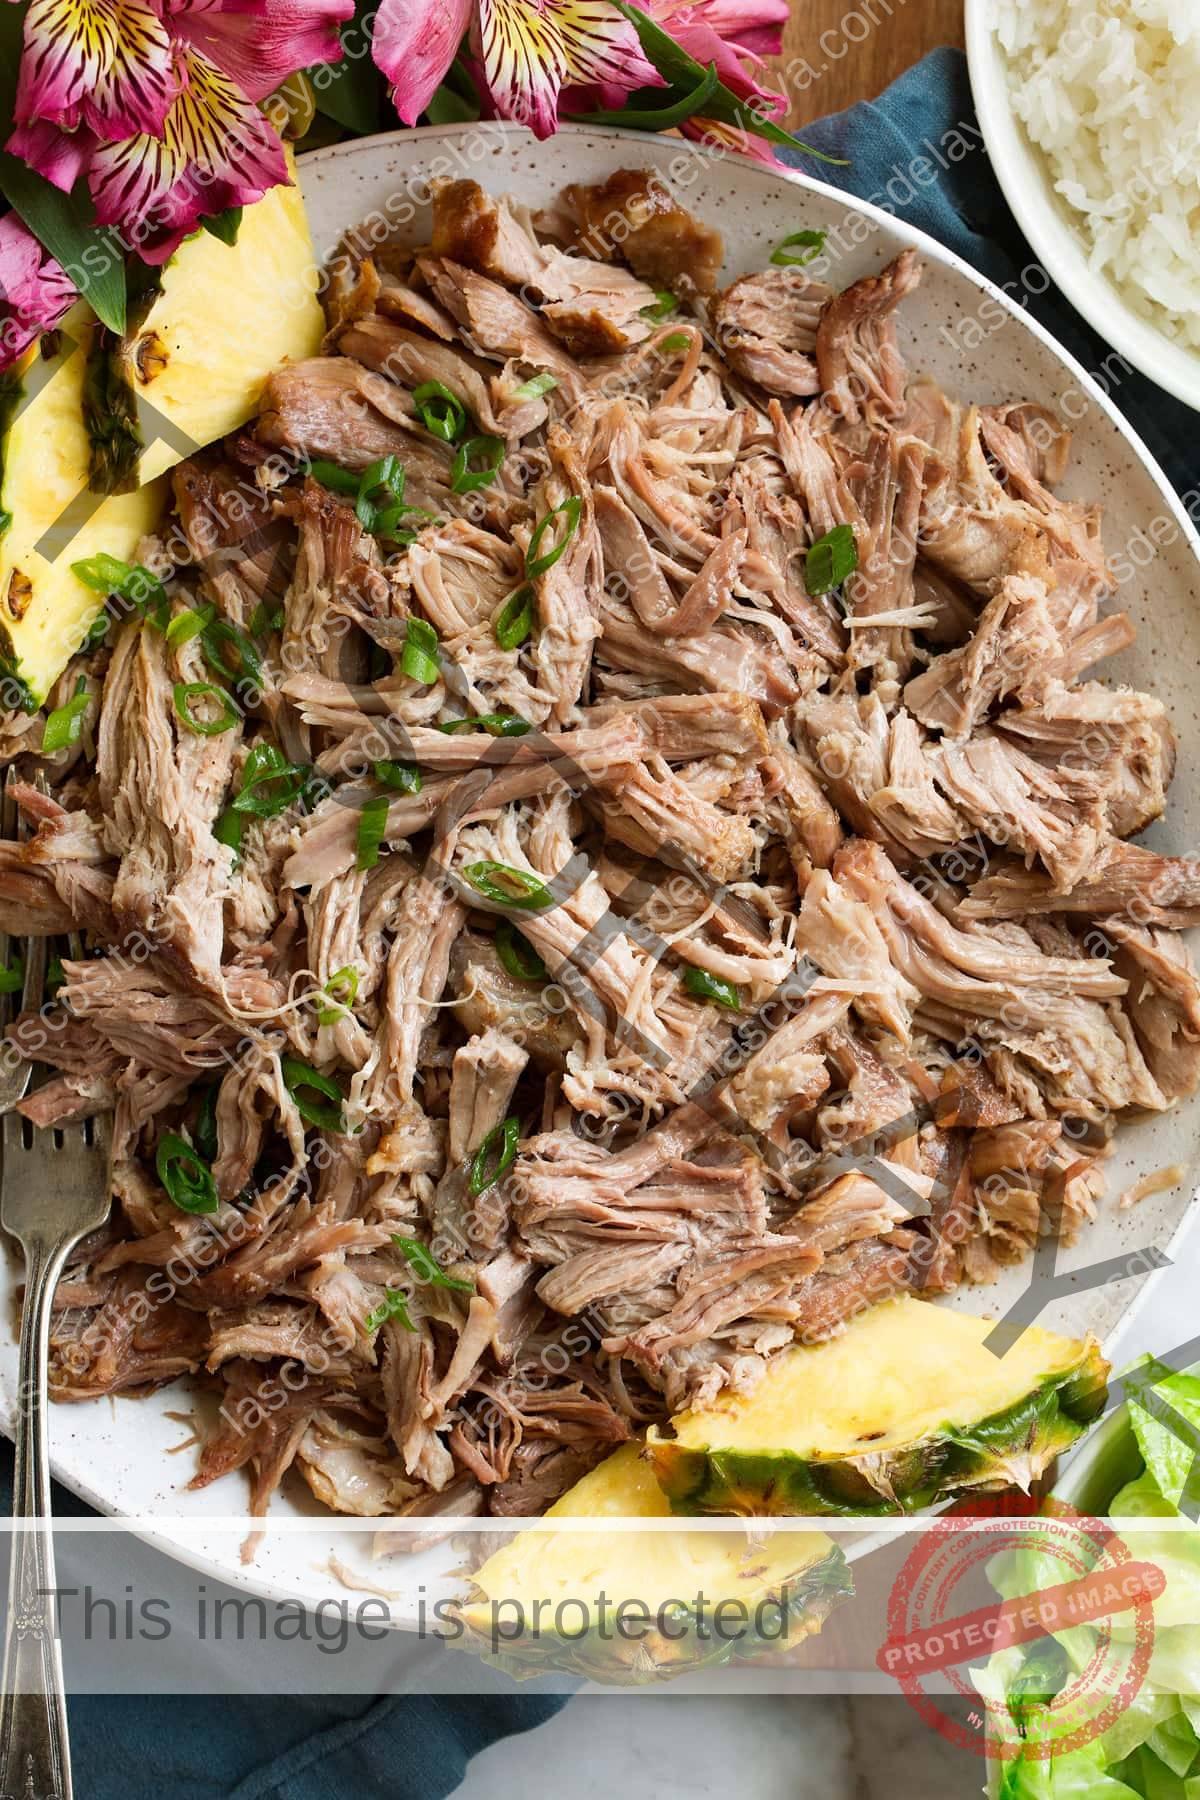 Imagen aérea de carne de cerdo Kalua desmenuzada en un tazón de servir blanco con piña.  Se adorna con cebollino en rodajas.